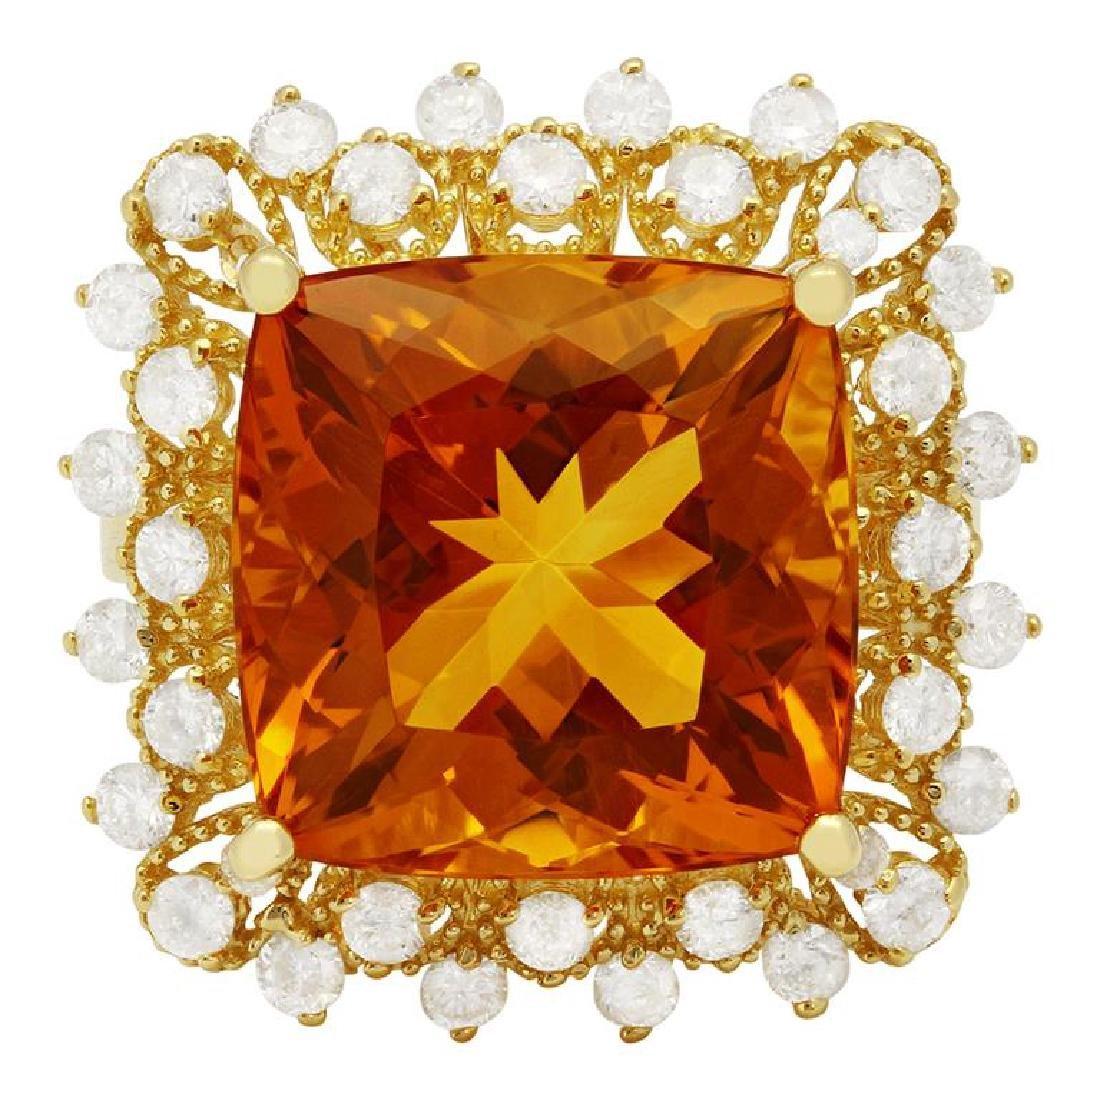 14k Yellow Gold 10.58ct Citrine 0.97ct Diamond Ring - 3